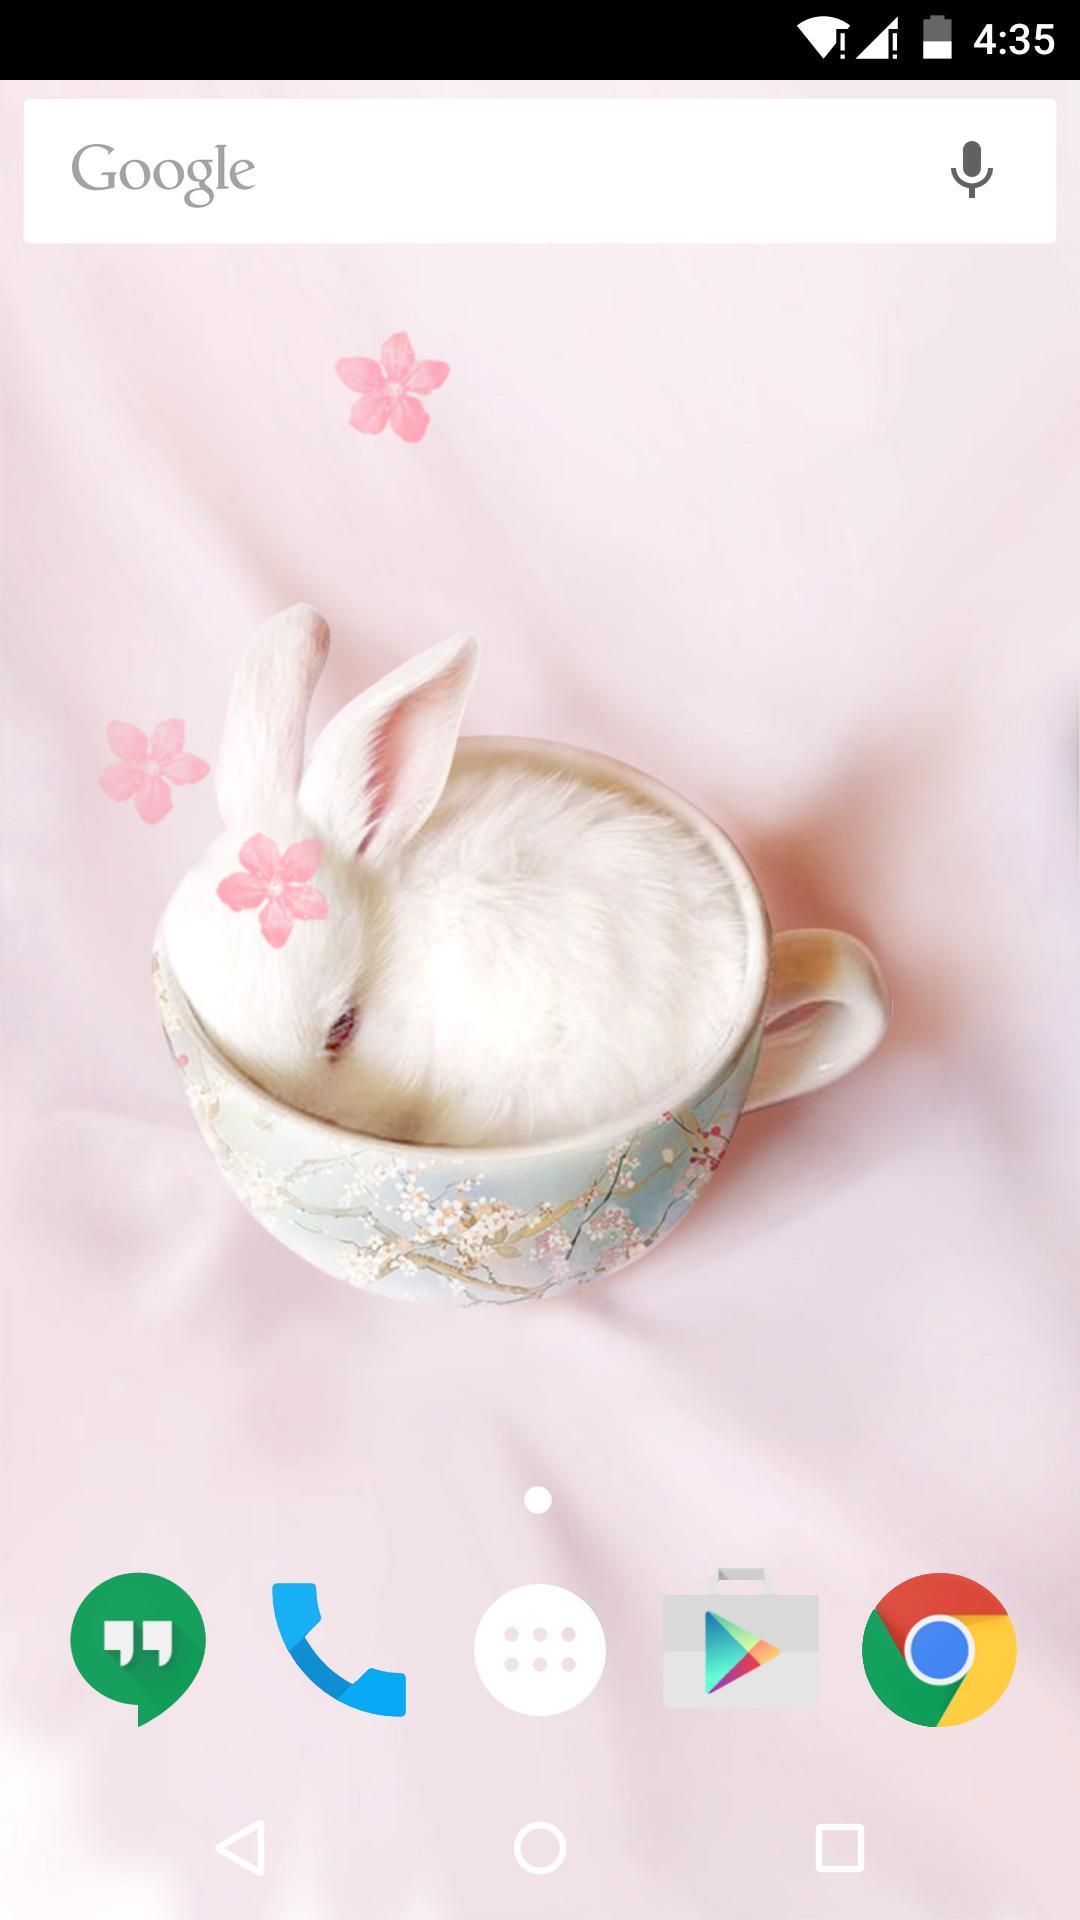 可爱的兔子-梦象动态壁纸